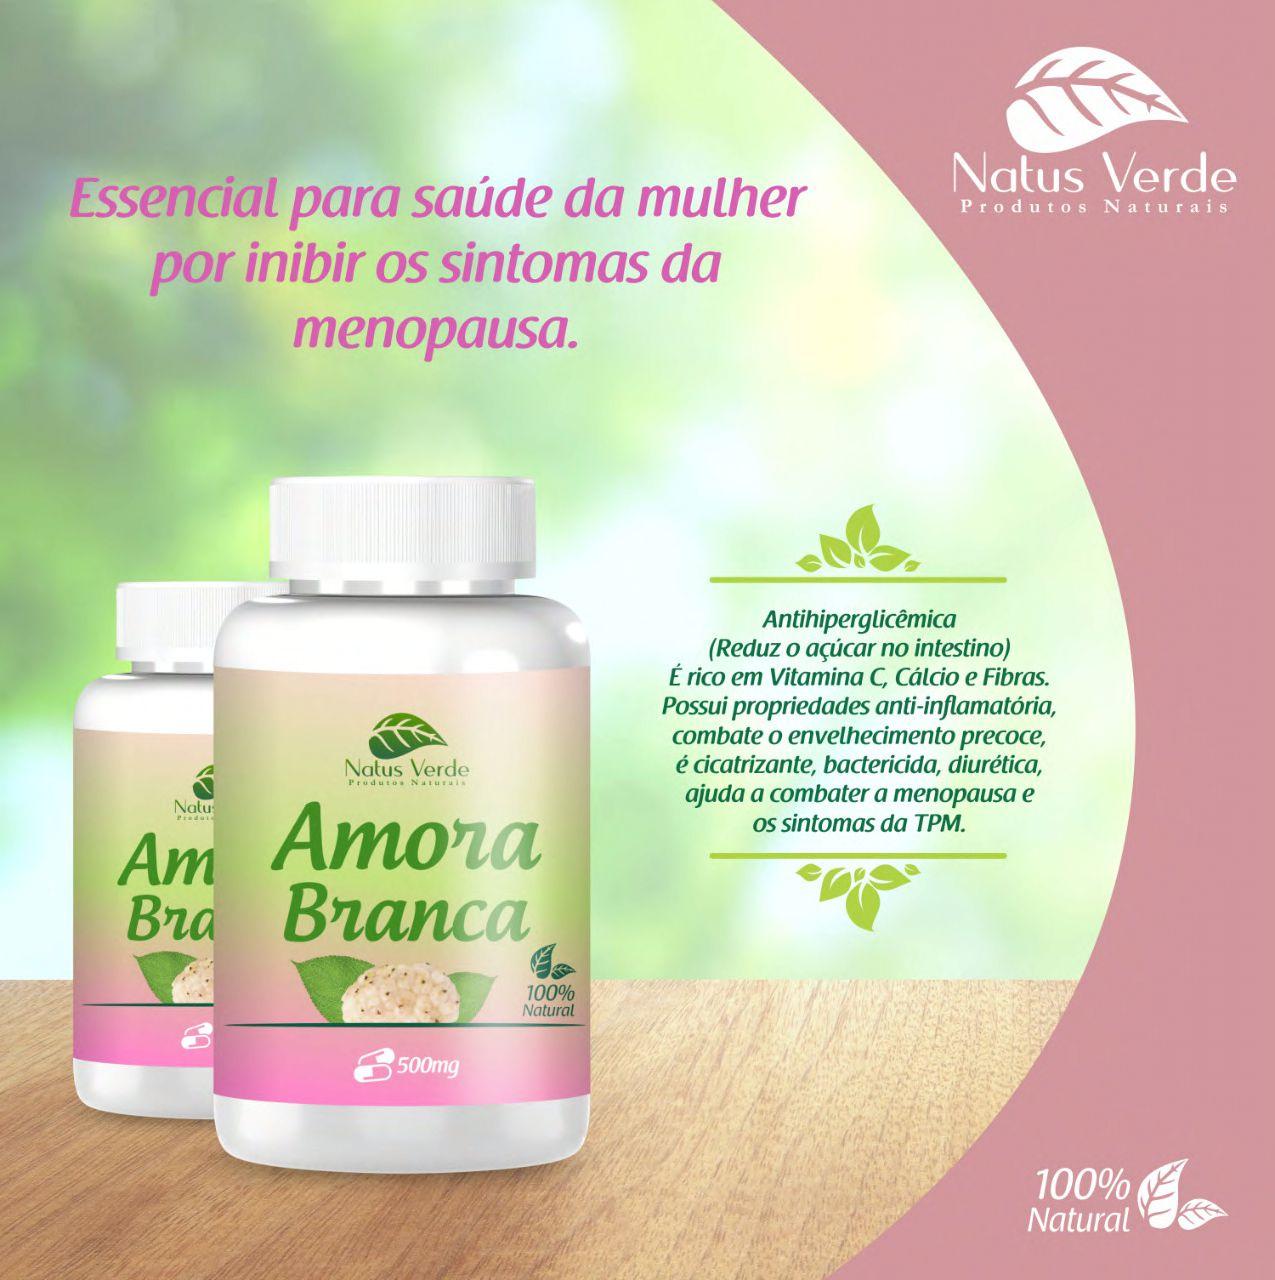 Suplemento Alimentício Amora Branca 60 Caps Natus Verde  - Fribasex - Fabricasex.com